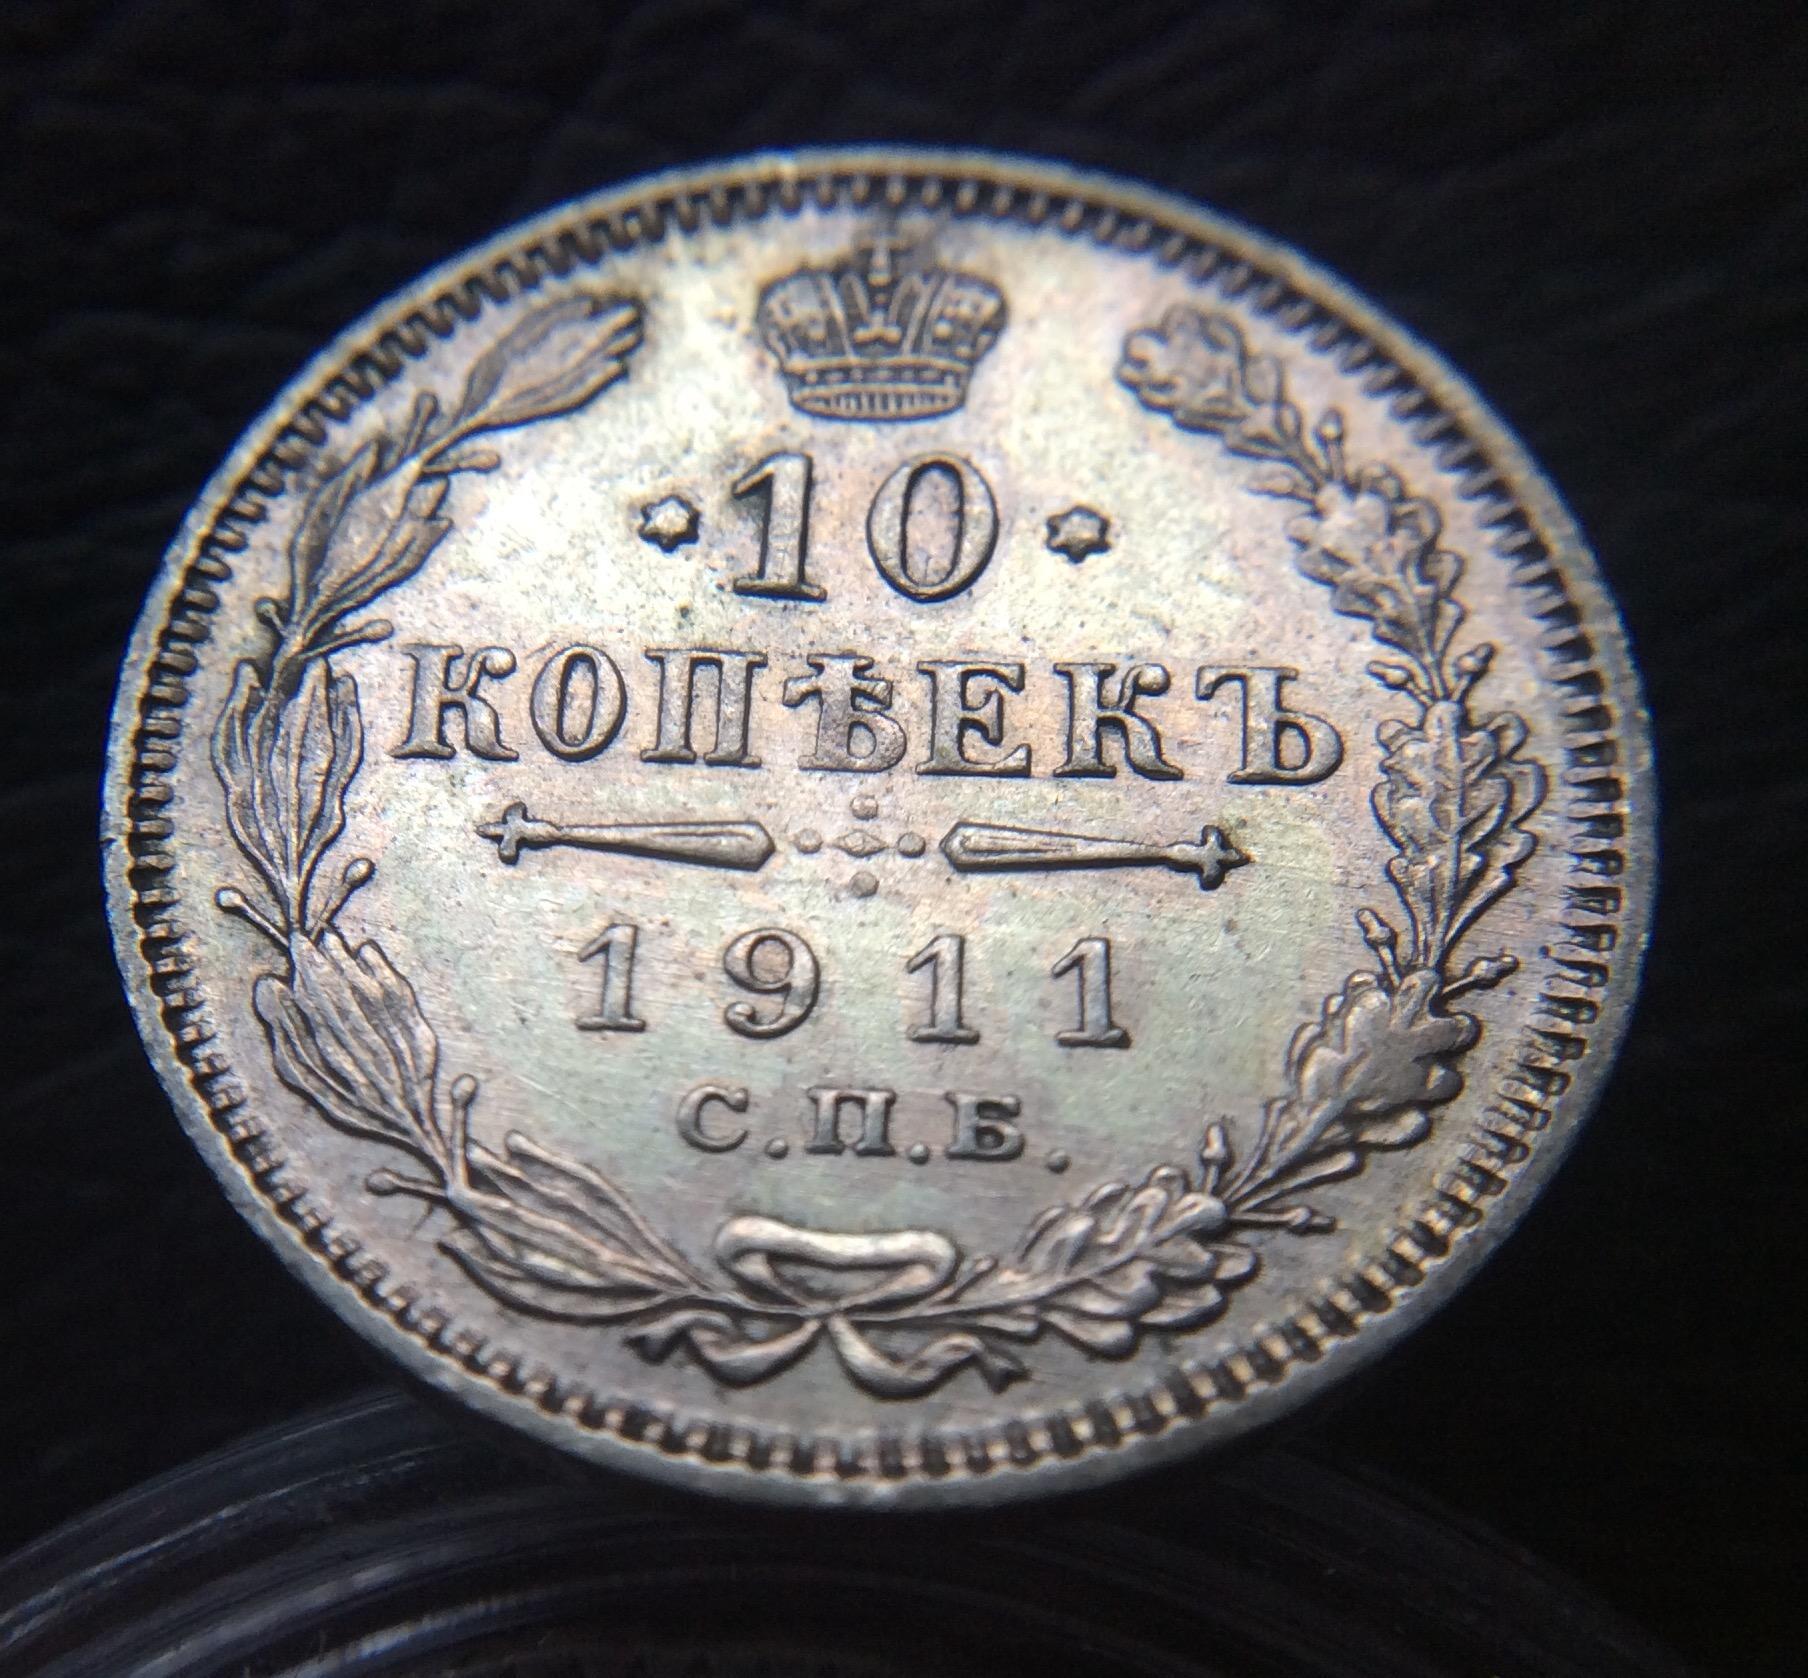 10 KOPEKS PLATA 1911 - IMPERIO RUSO - GRAN CALIDAD - ZAR NICOLÁS II